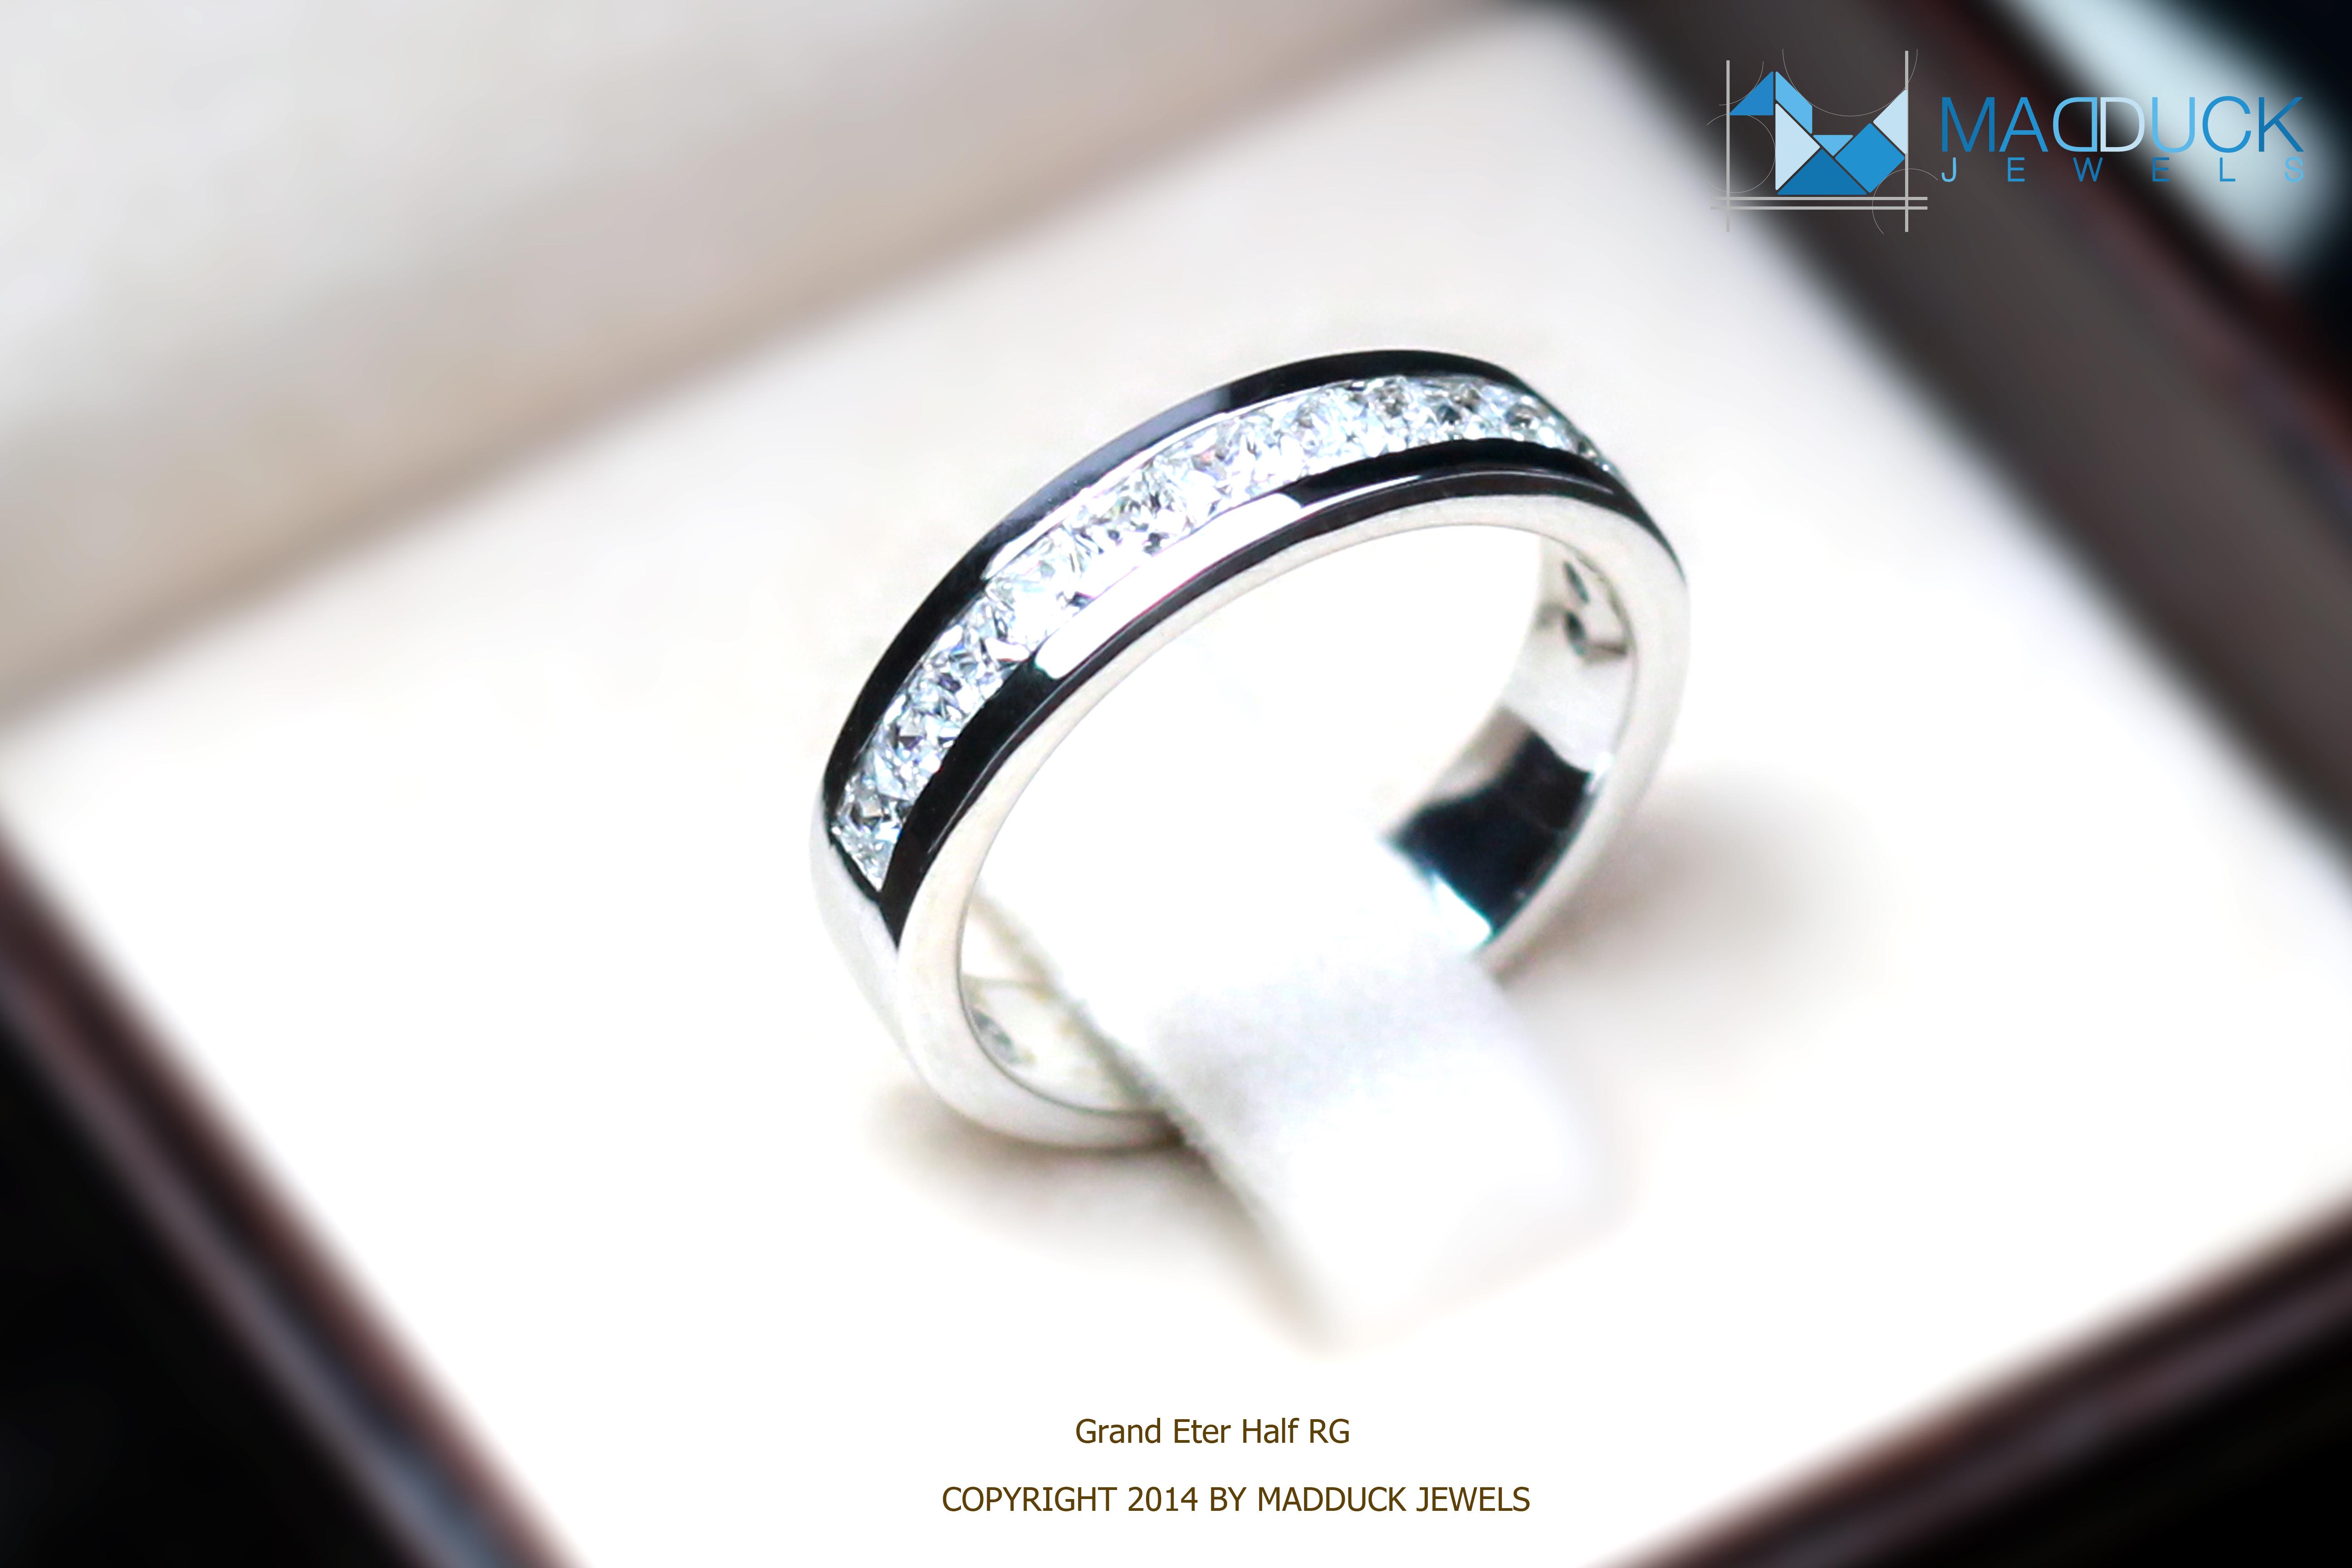 แหวนเงินแท้ เพชรสังเคราะห์ ชุบทองคำขาว รุ่น RG1434 Grand Eternity Half B